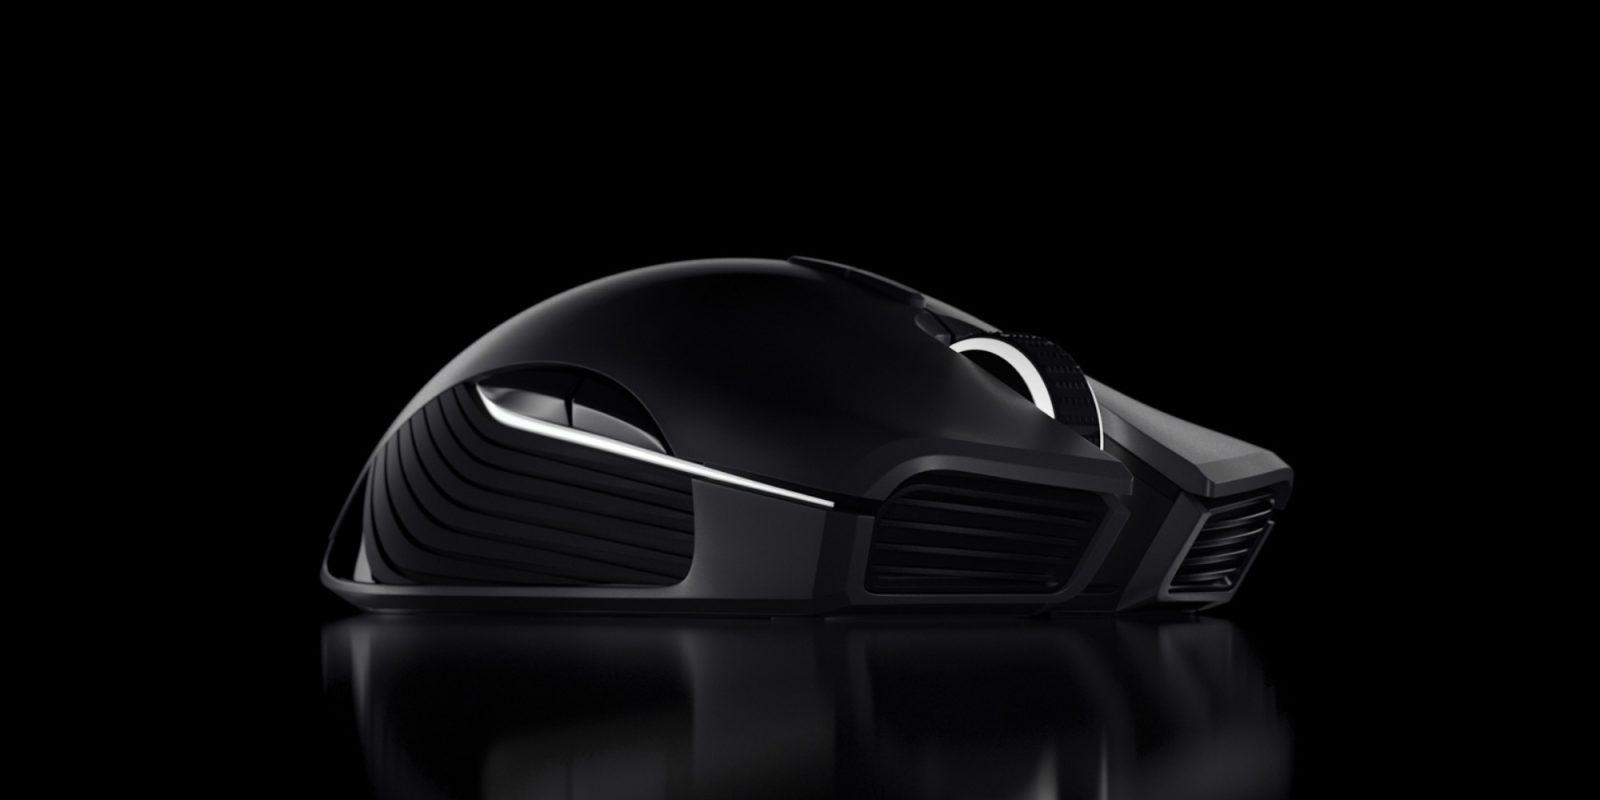 Chroma support shines on Razer's $60 Lancehead Wireless